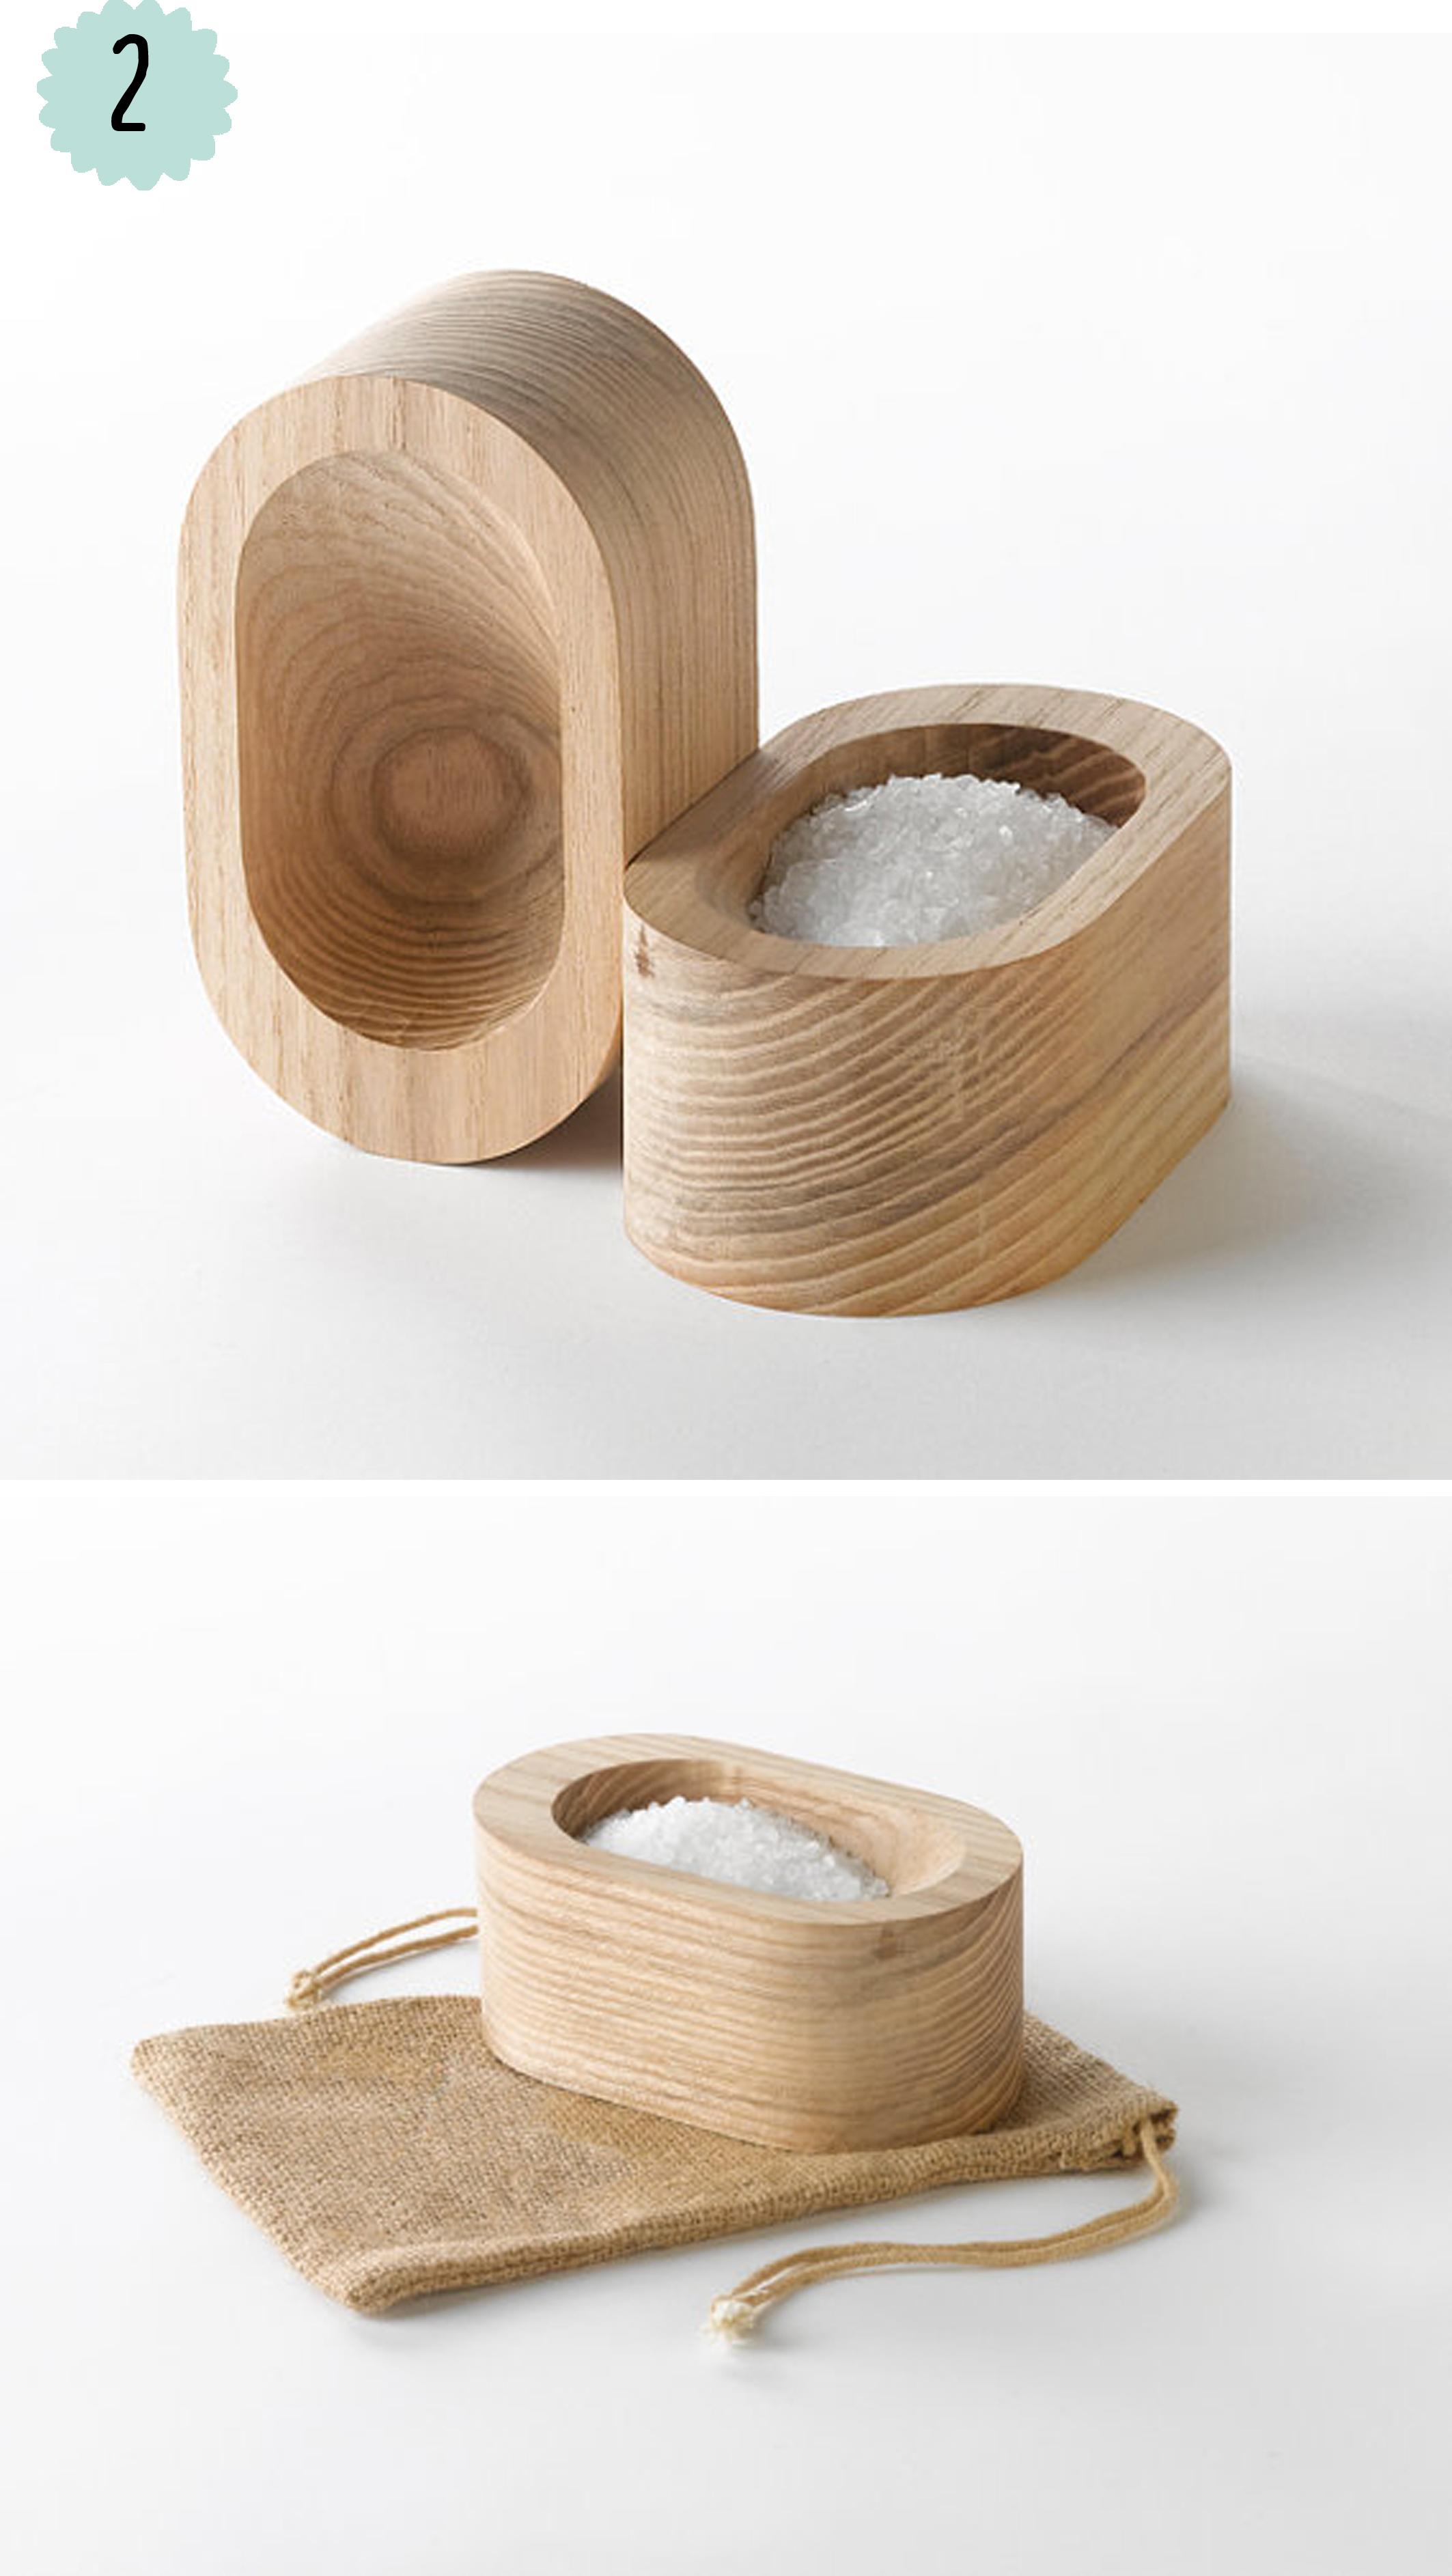 Si pinocho levantara la cabeza productos de madera - Productos de madera para manualidades ...